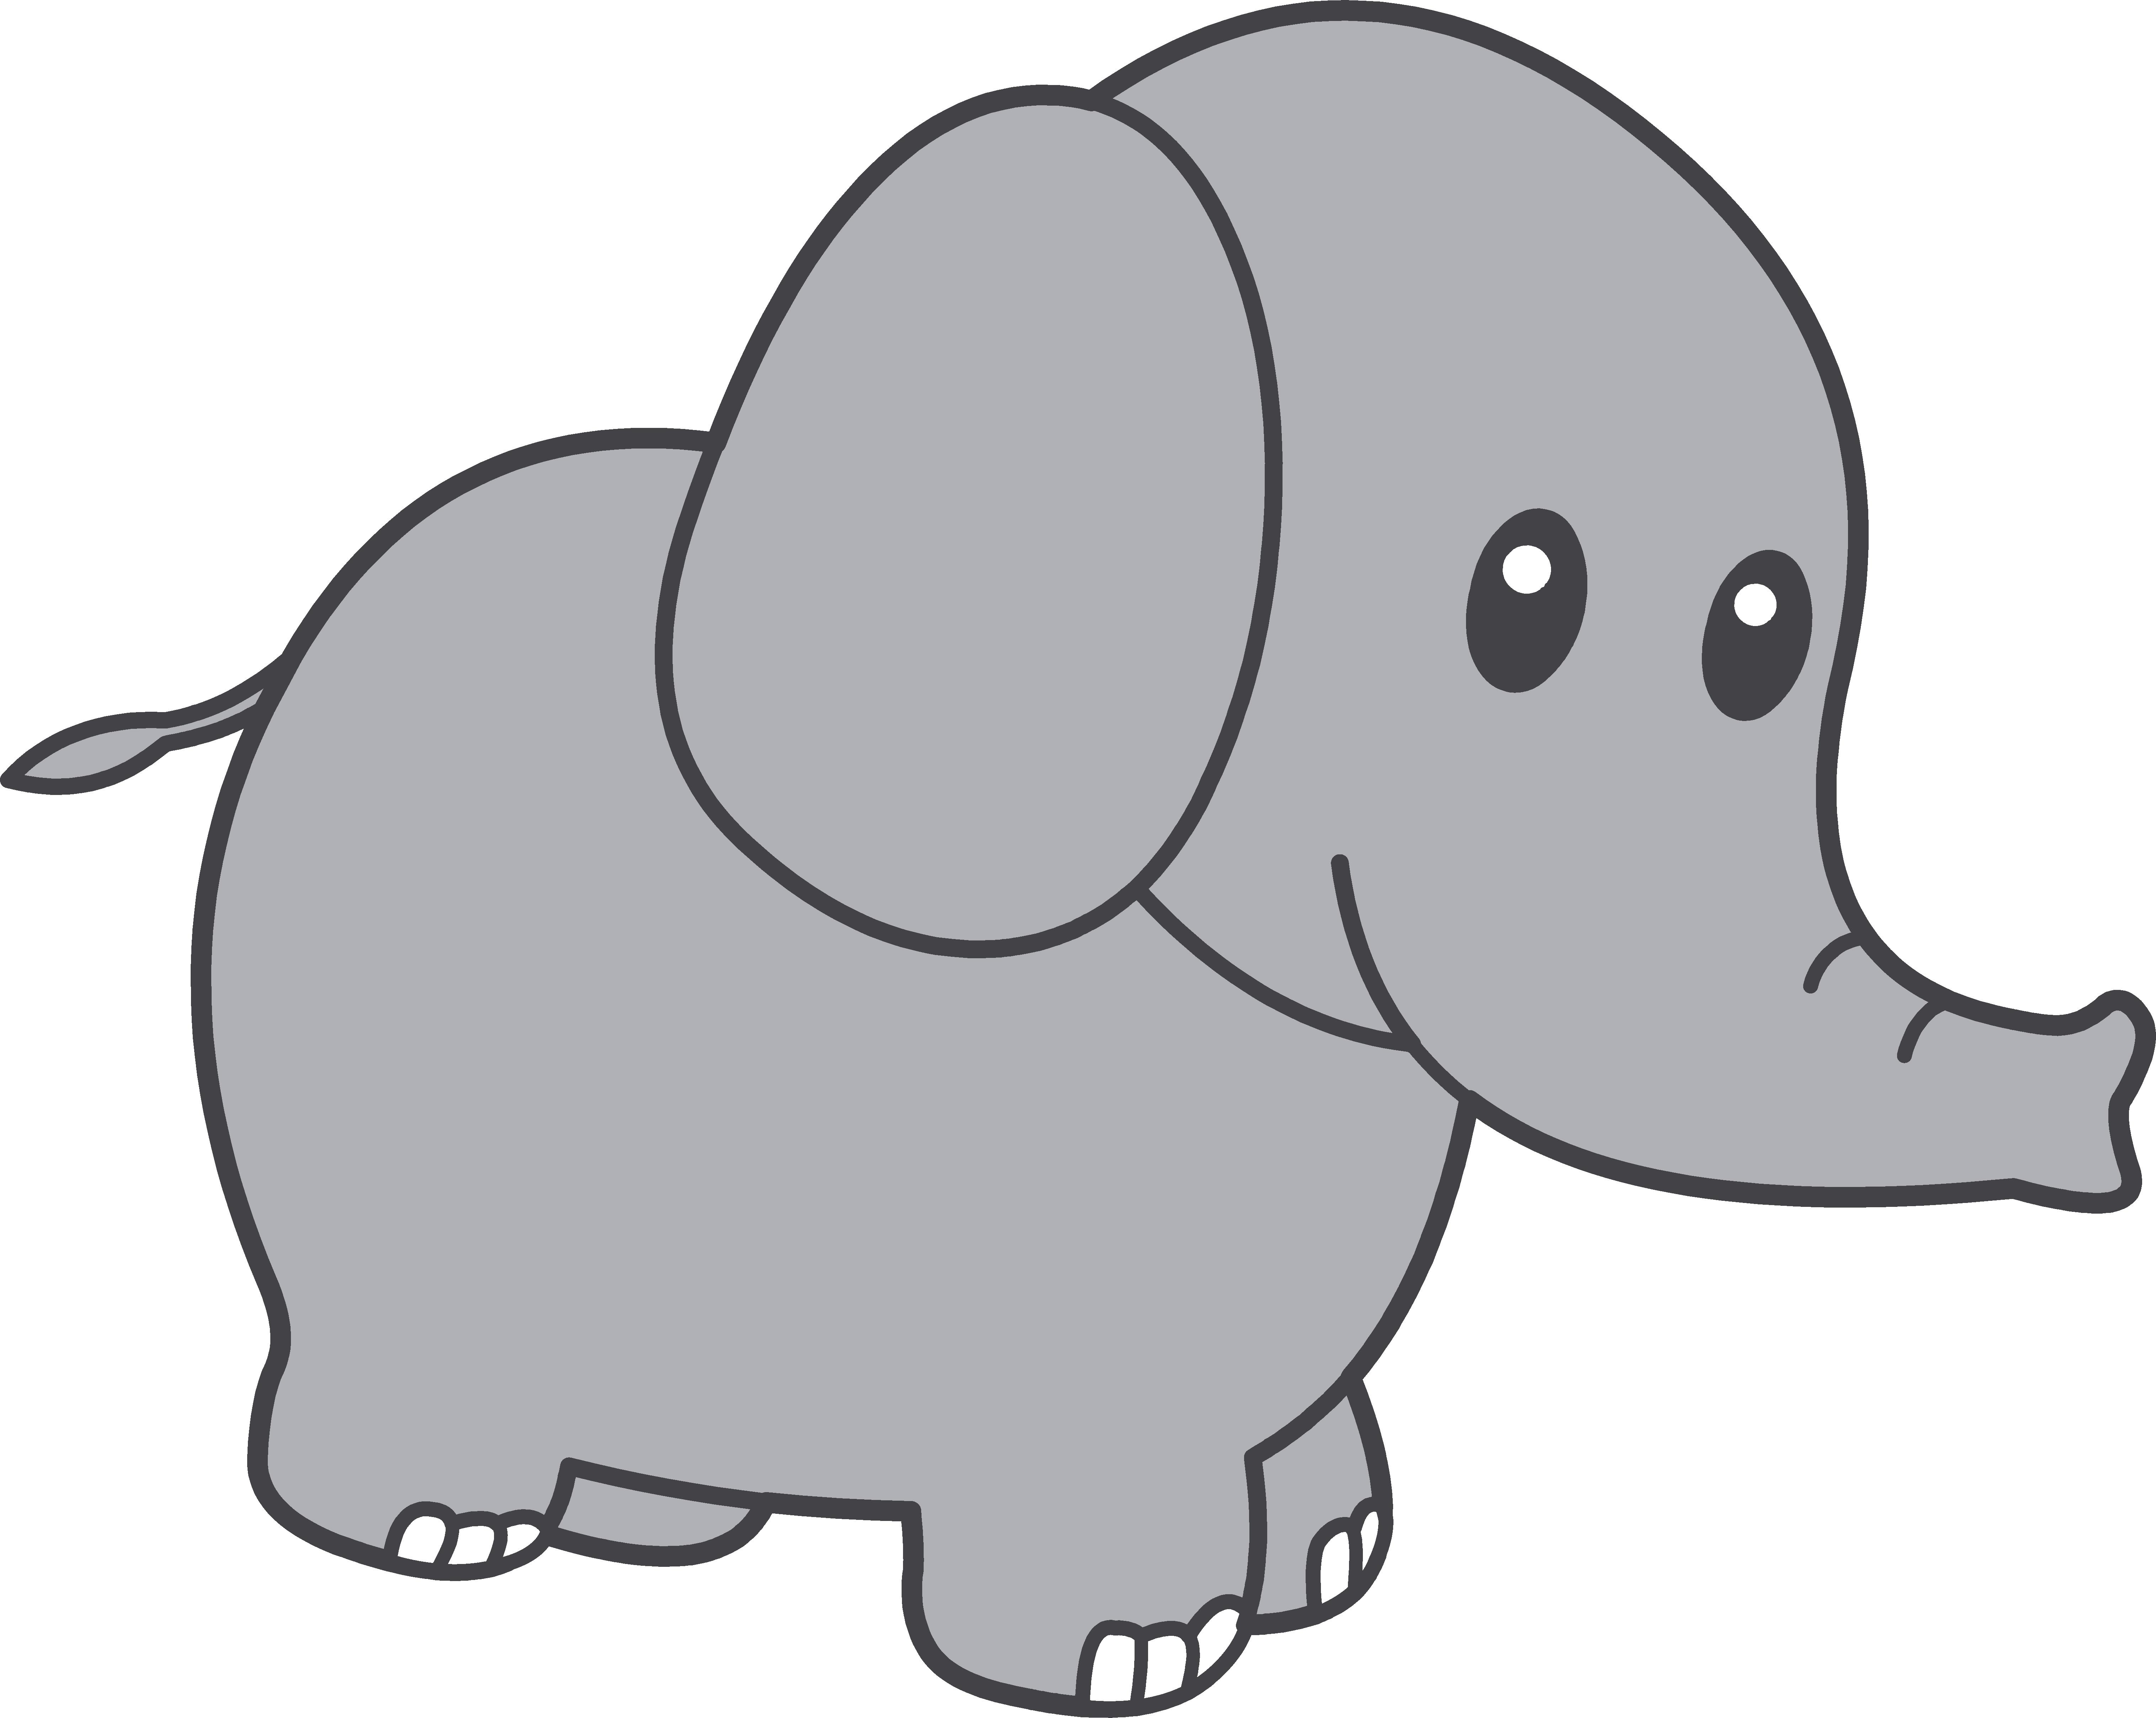 Free animated elephant.